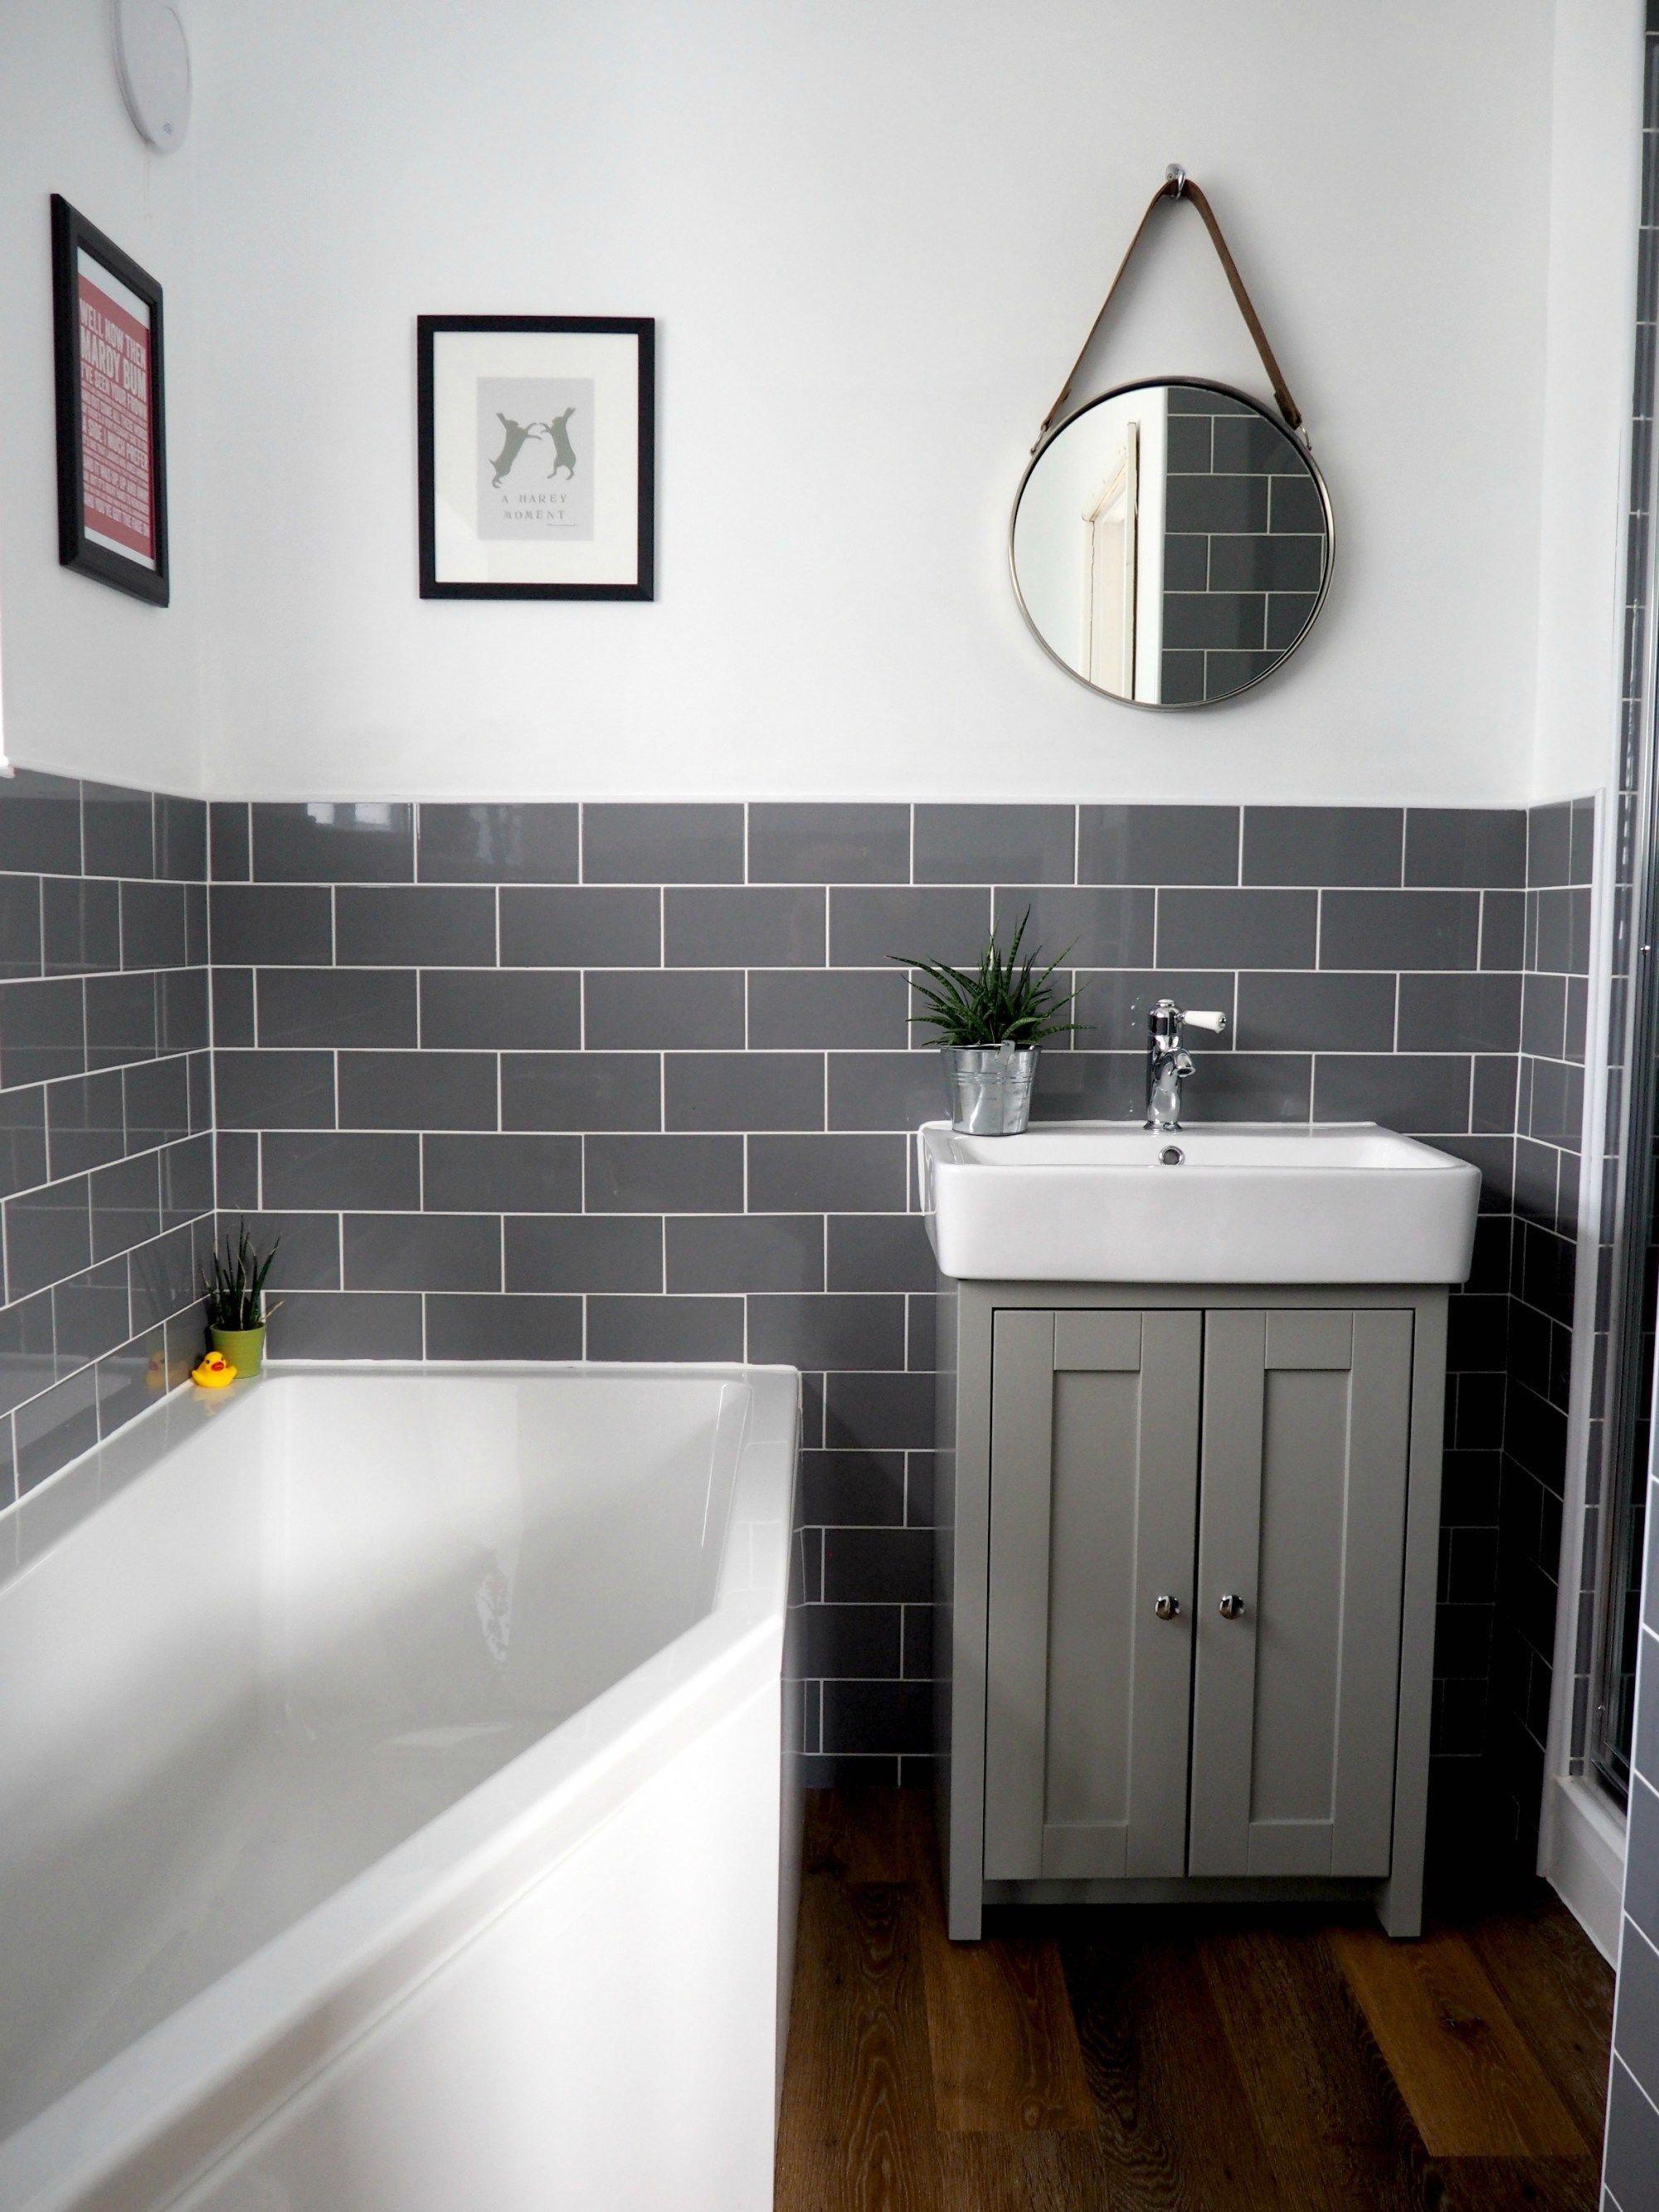 Bathroom Renovation Ideas Bathroom Remodel Cost Bathroom Ideas